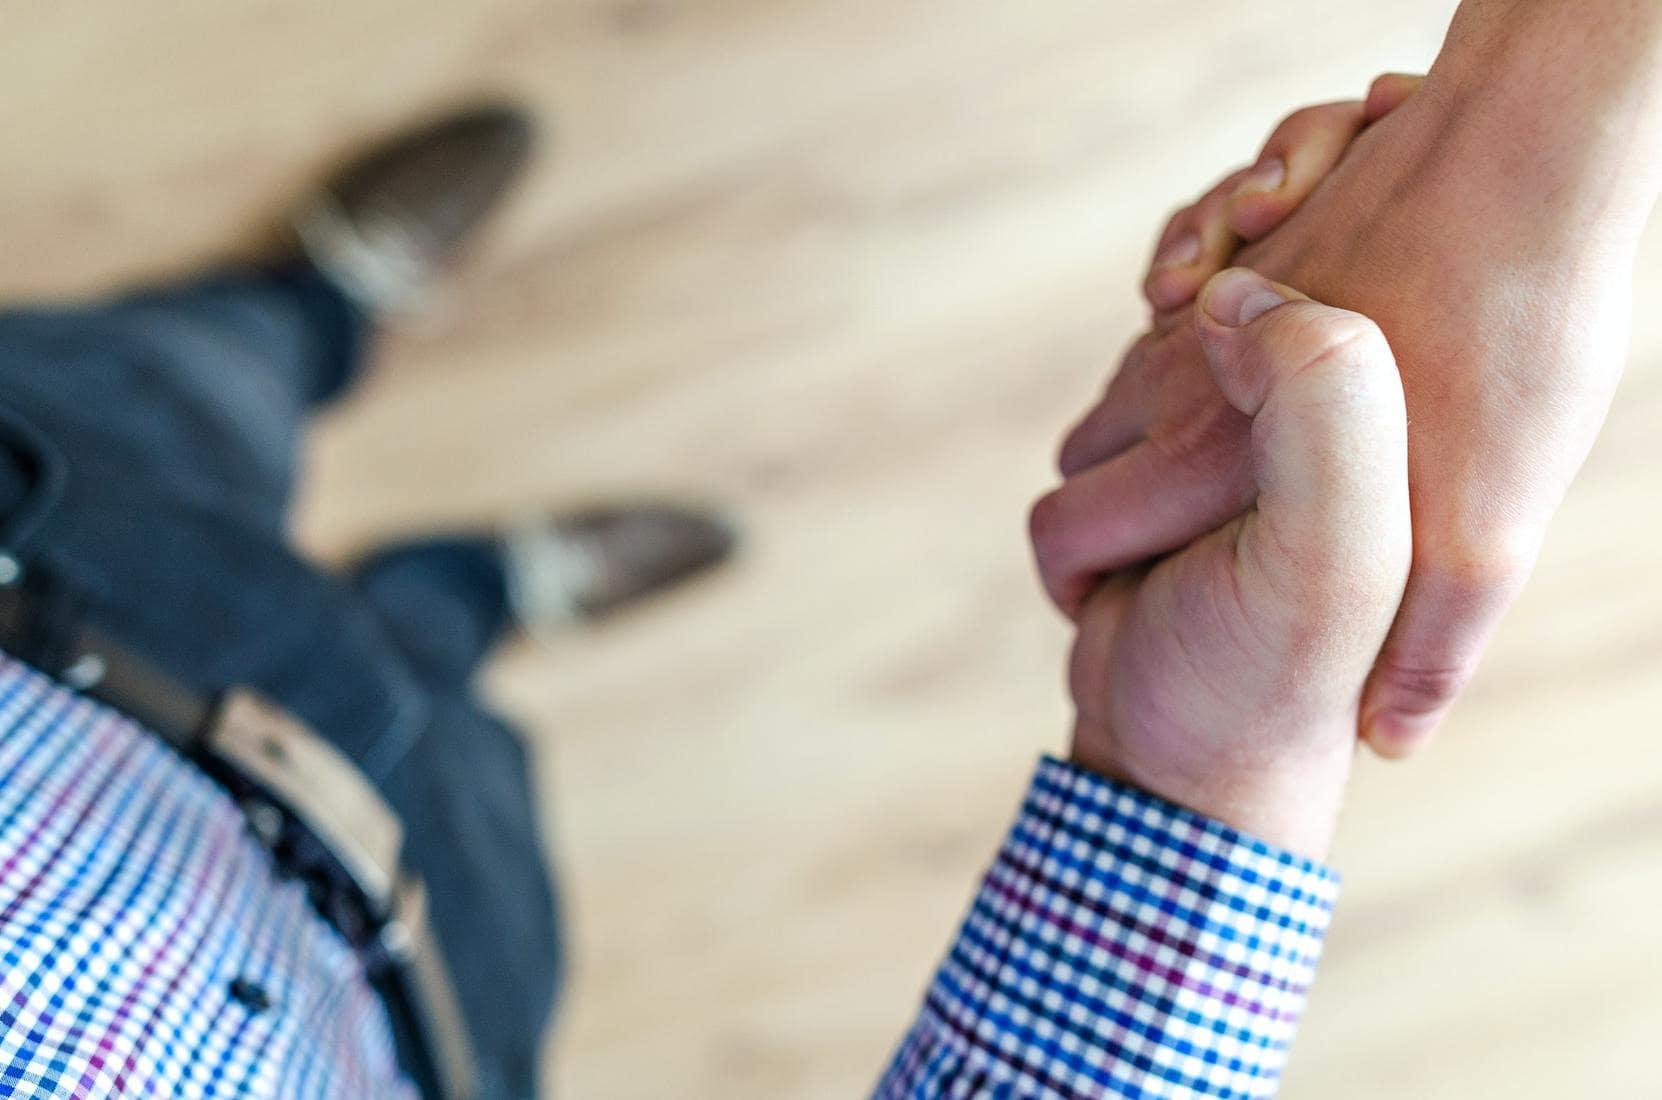 People doing handshake